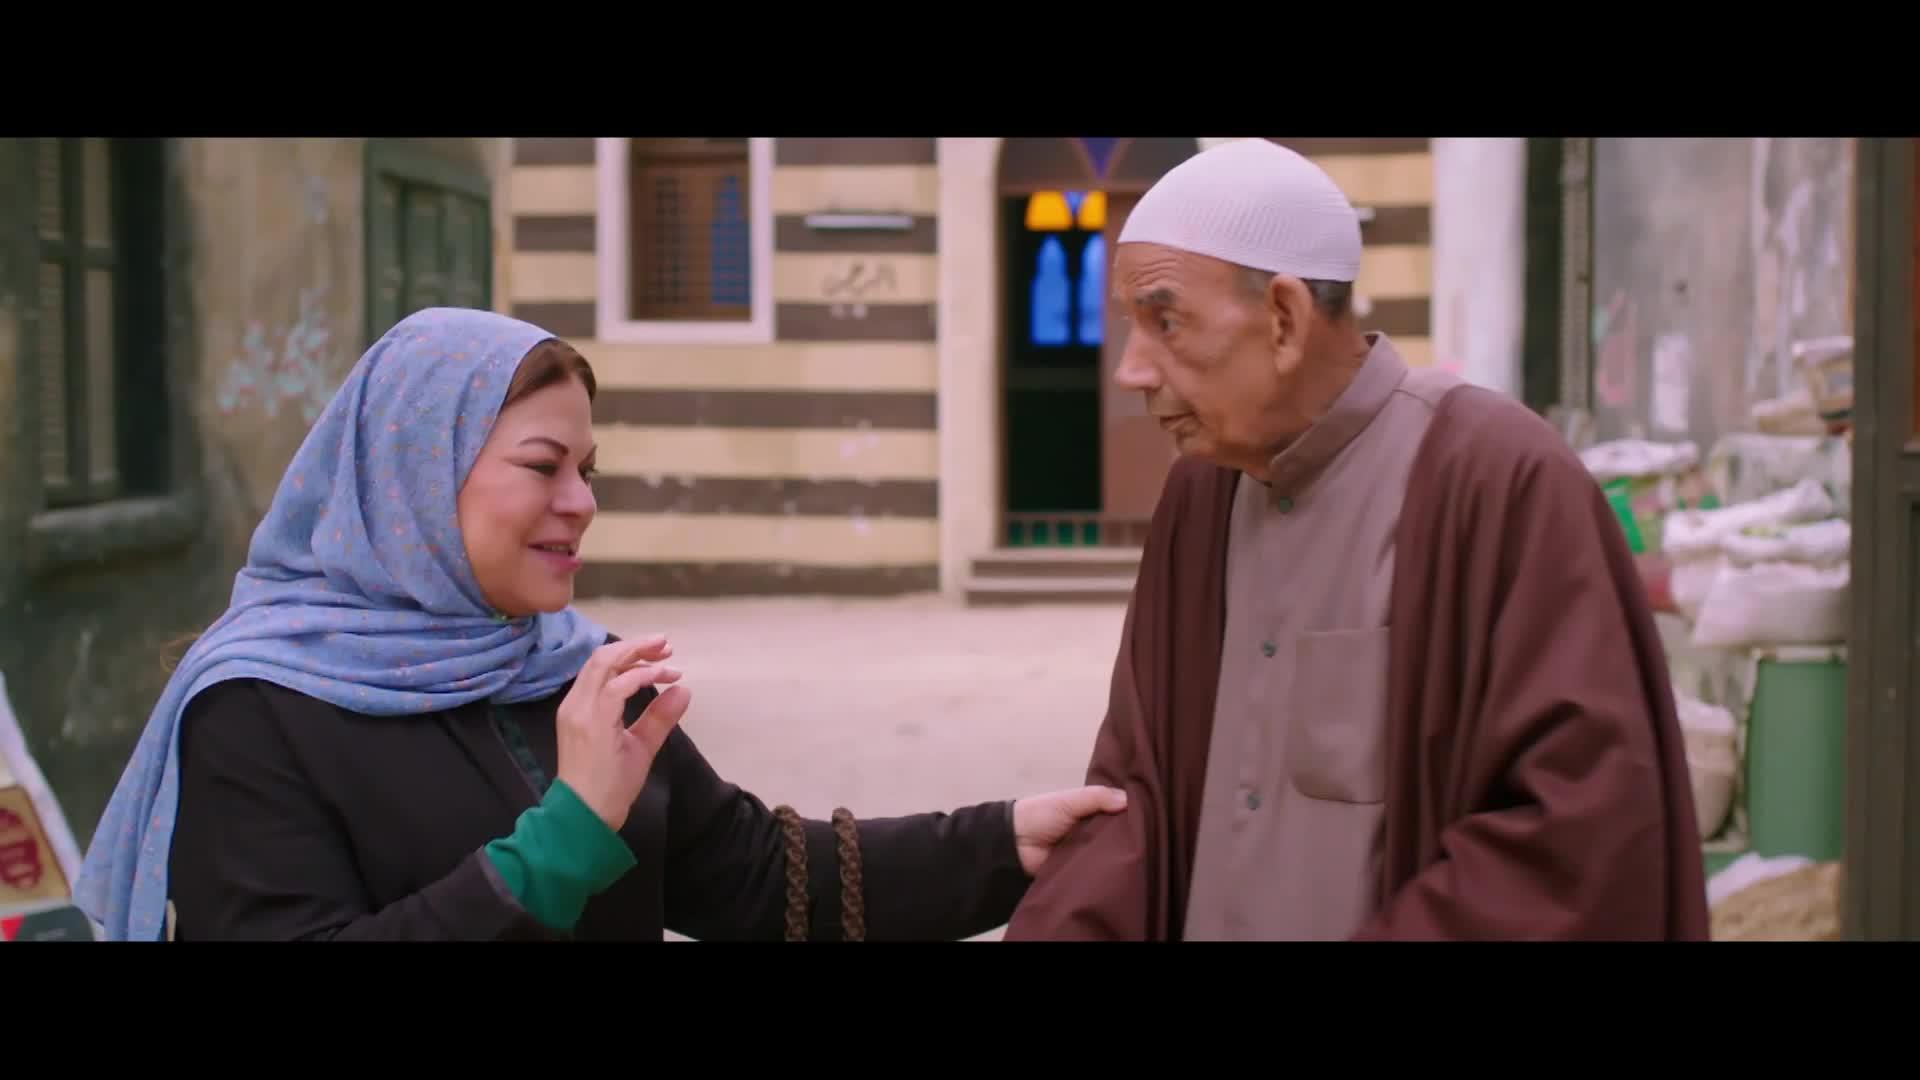 المسلسل المصري قوت القلوب (2020) الحلقات من ( 01 إلى 05 ) 1080p تحميل تورنت 3 arabp2p.com